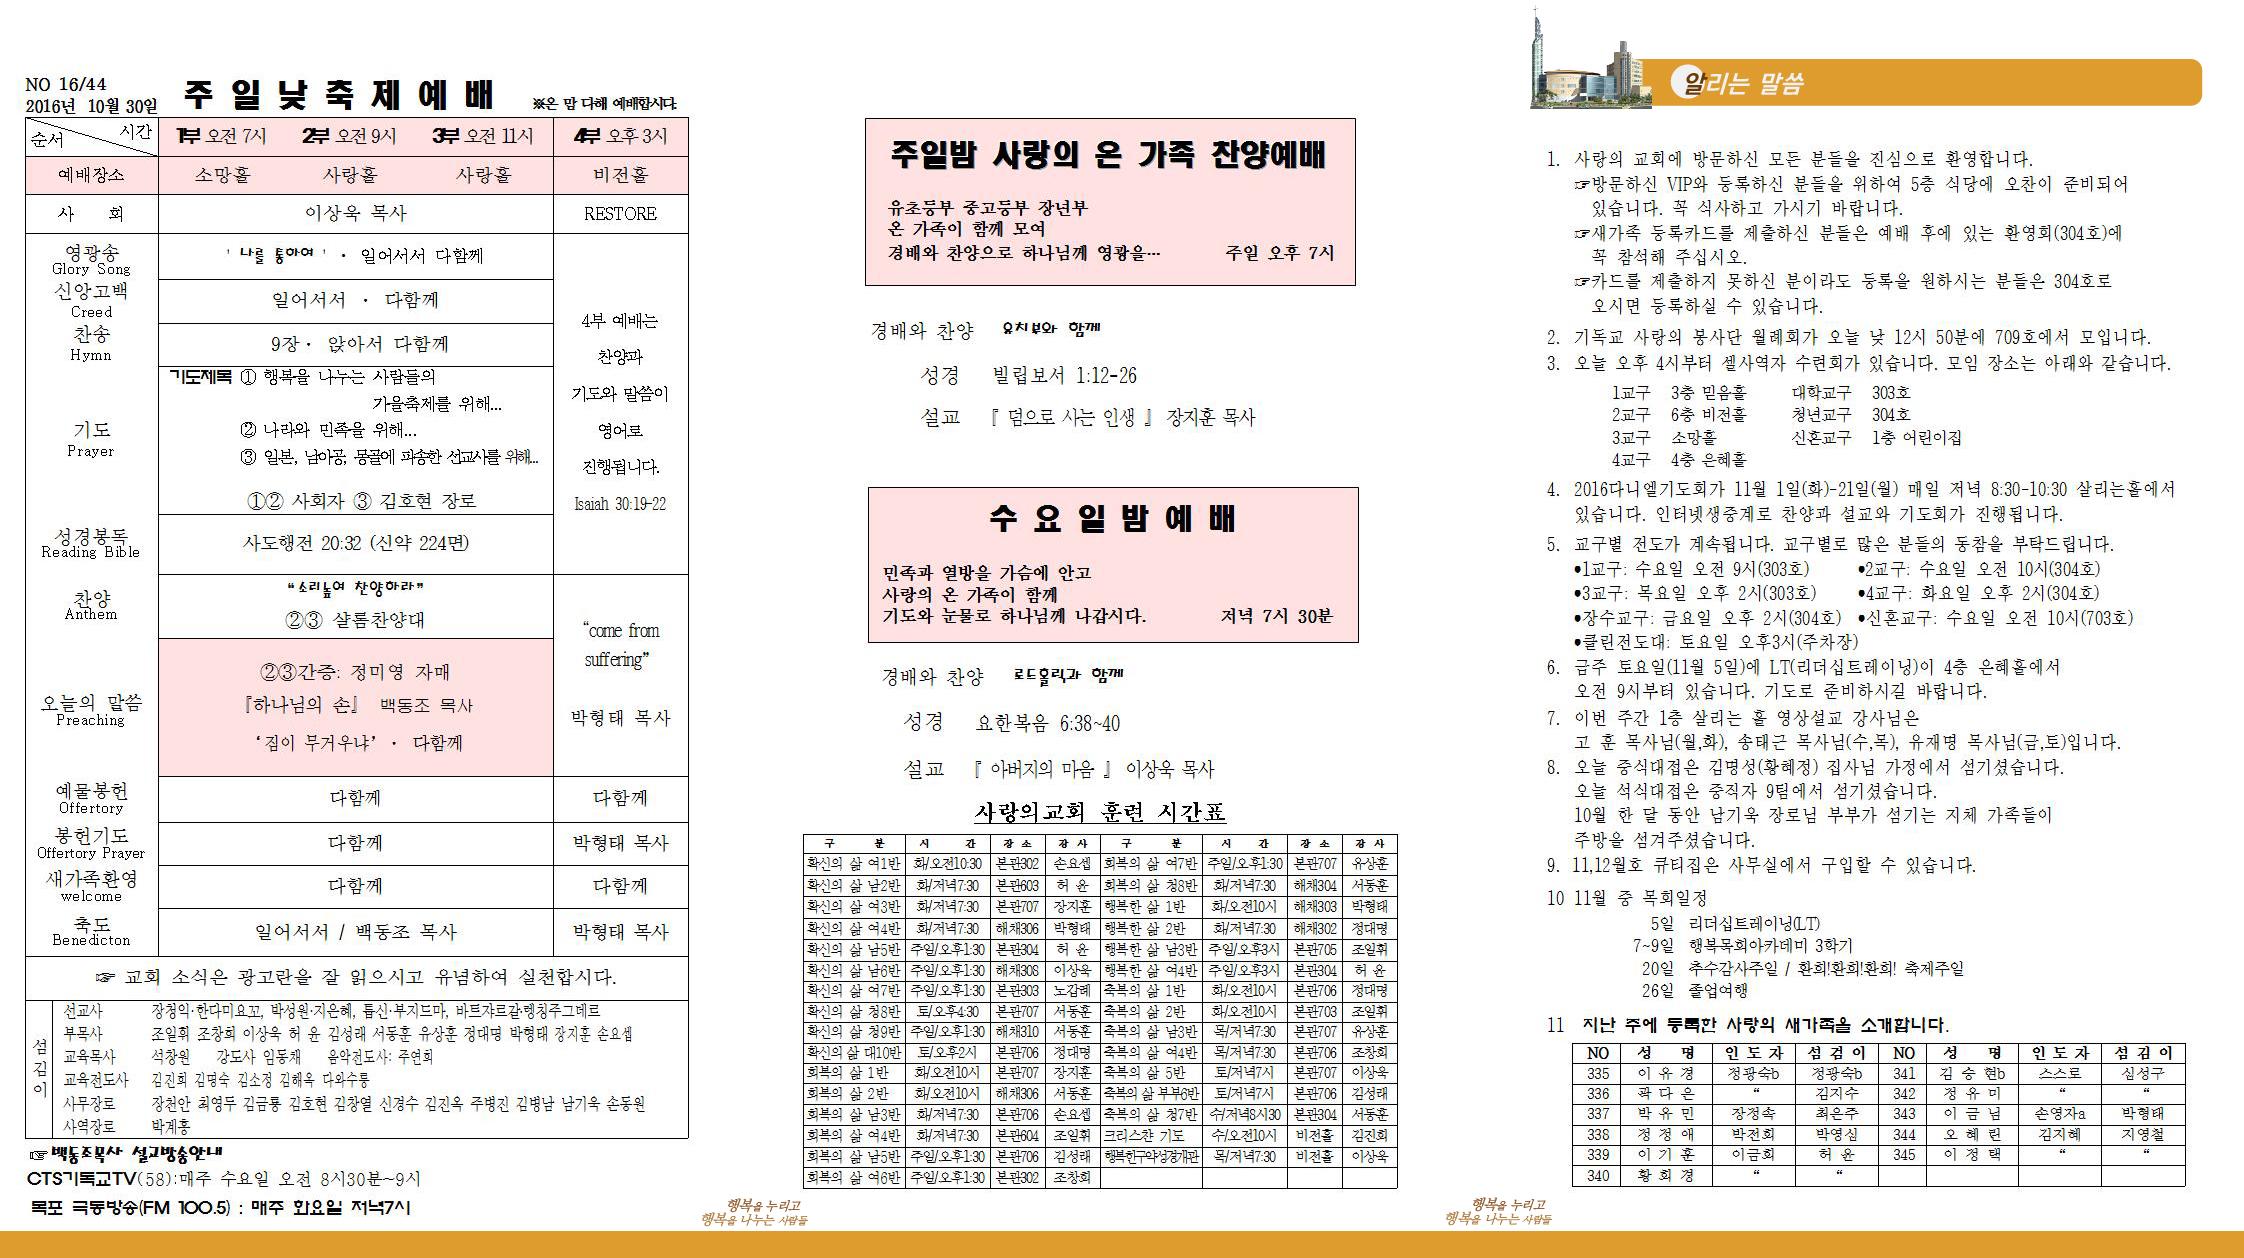 16-10-30_주보-01.jpg